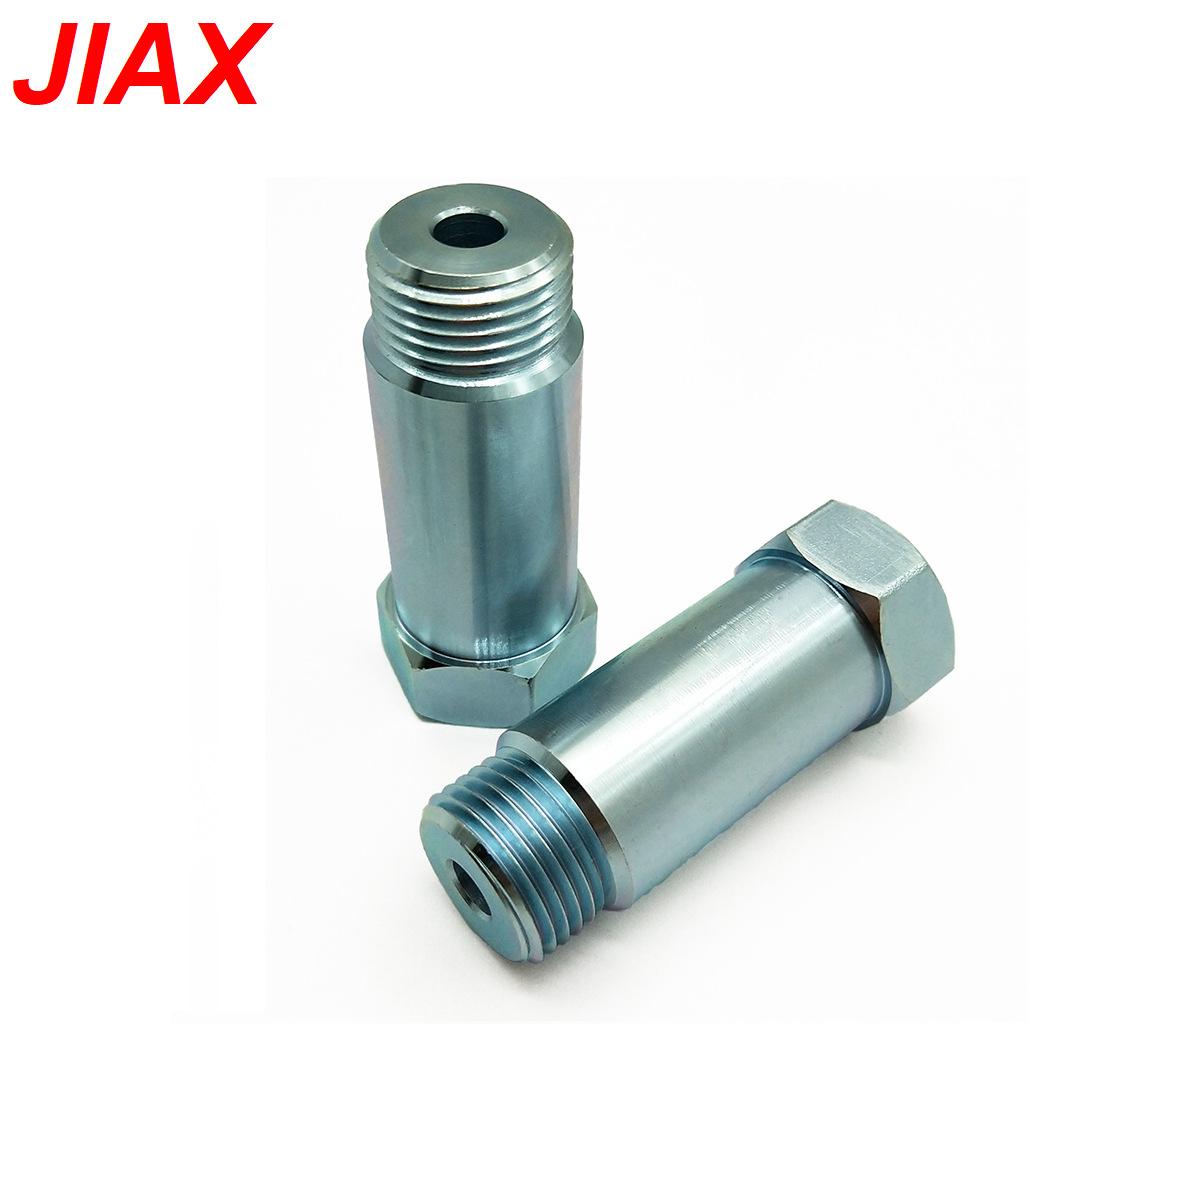 JIAX Cảm biến Xe đa dụng cho cảm biến bán nóng xuyên biên giới Cảm biến oxy xe đa năng Cảm biến chất